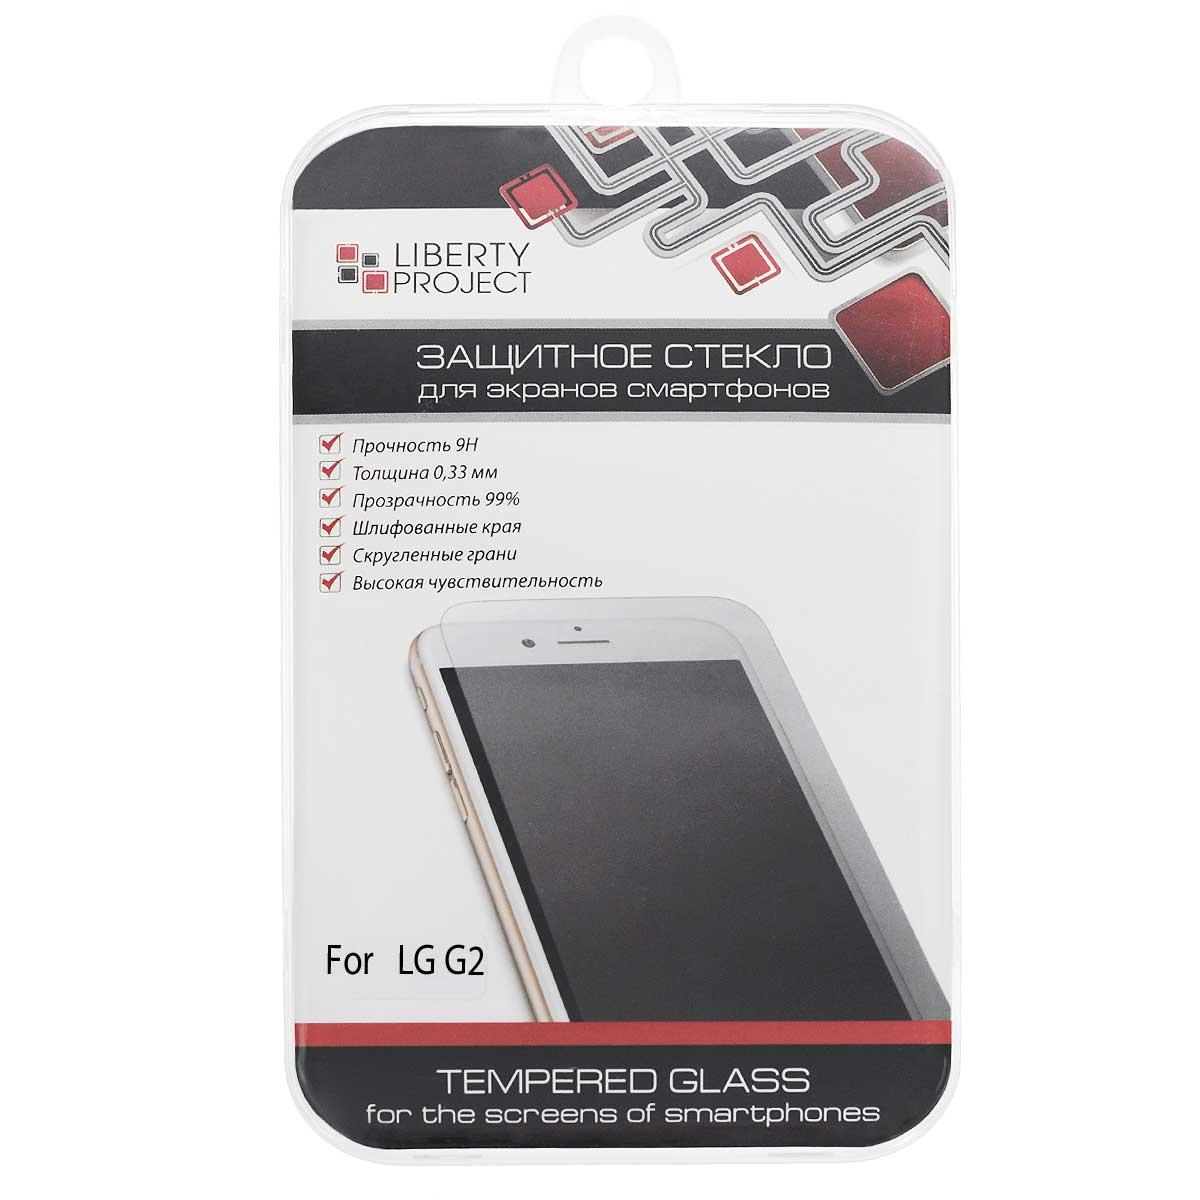 Liberty Project Tempered Glass защитное стекло для LG G2, Clear (0,33 мм)0L-00000511Защитное стекло Liberty Project Tempered Glass предназначено для защиты поверхности экрана, от царапин, потертостей, отпечатков пальцев и прочих следов механического воздействия. Гарантирует высокую чувствительность при работе с устройством. Данная модель также обладает антибликовым и водоотталкивающим эффектом.